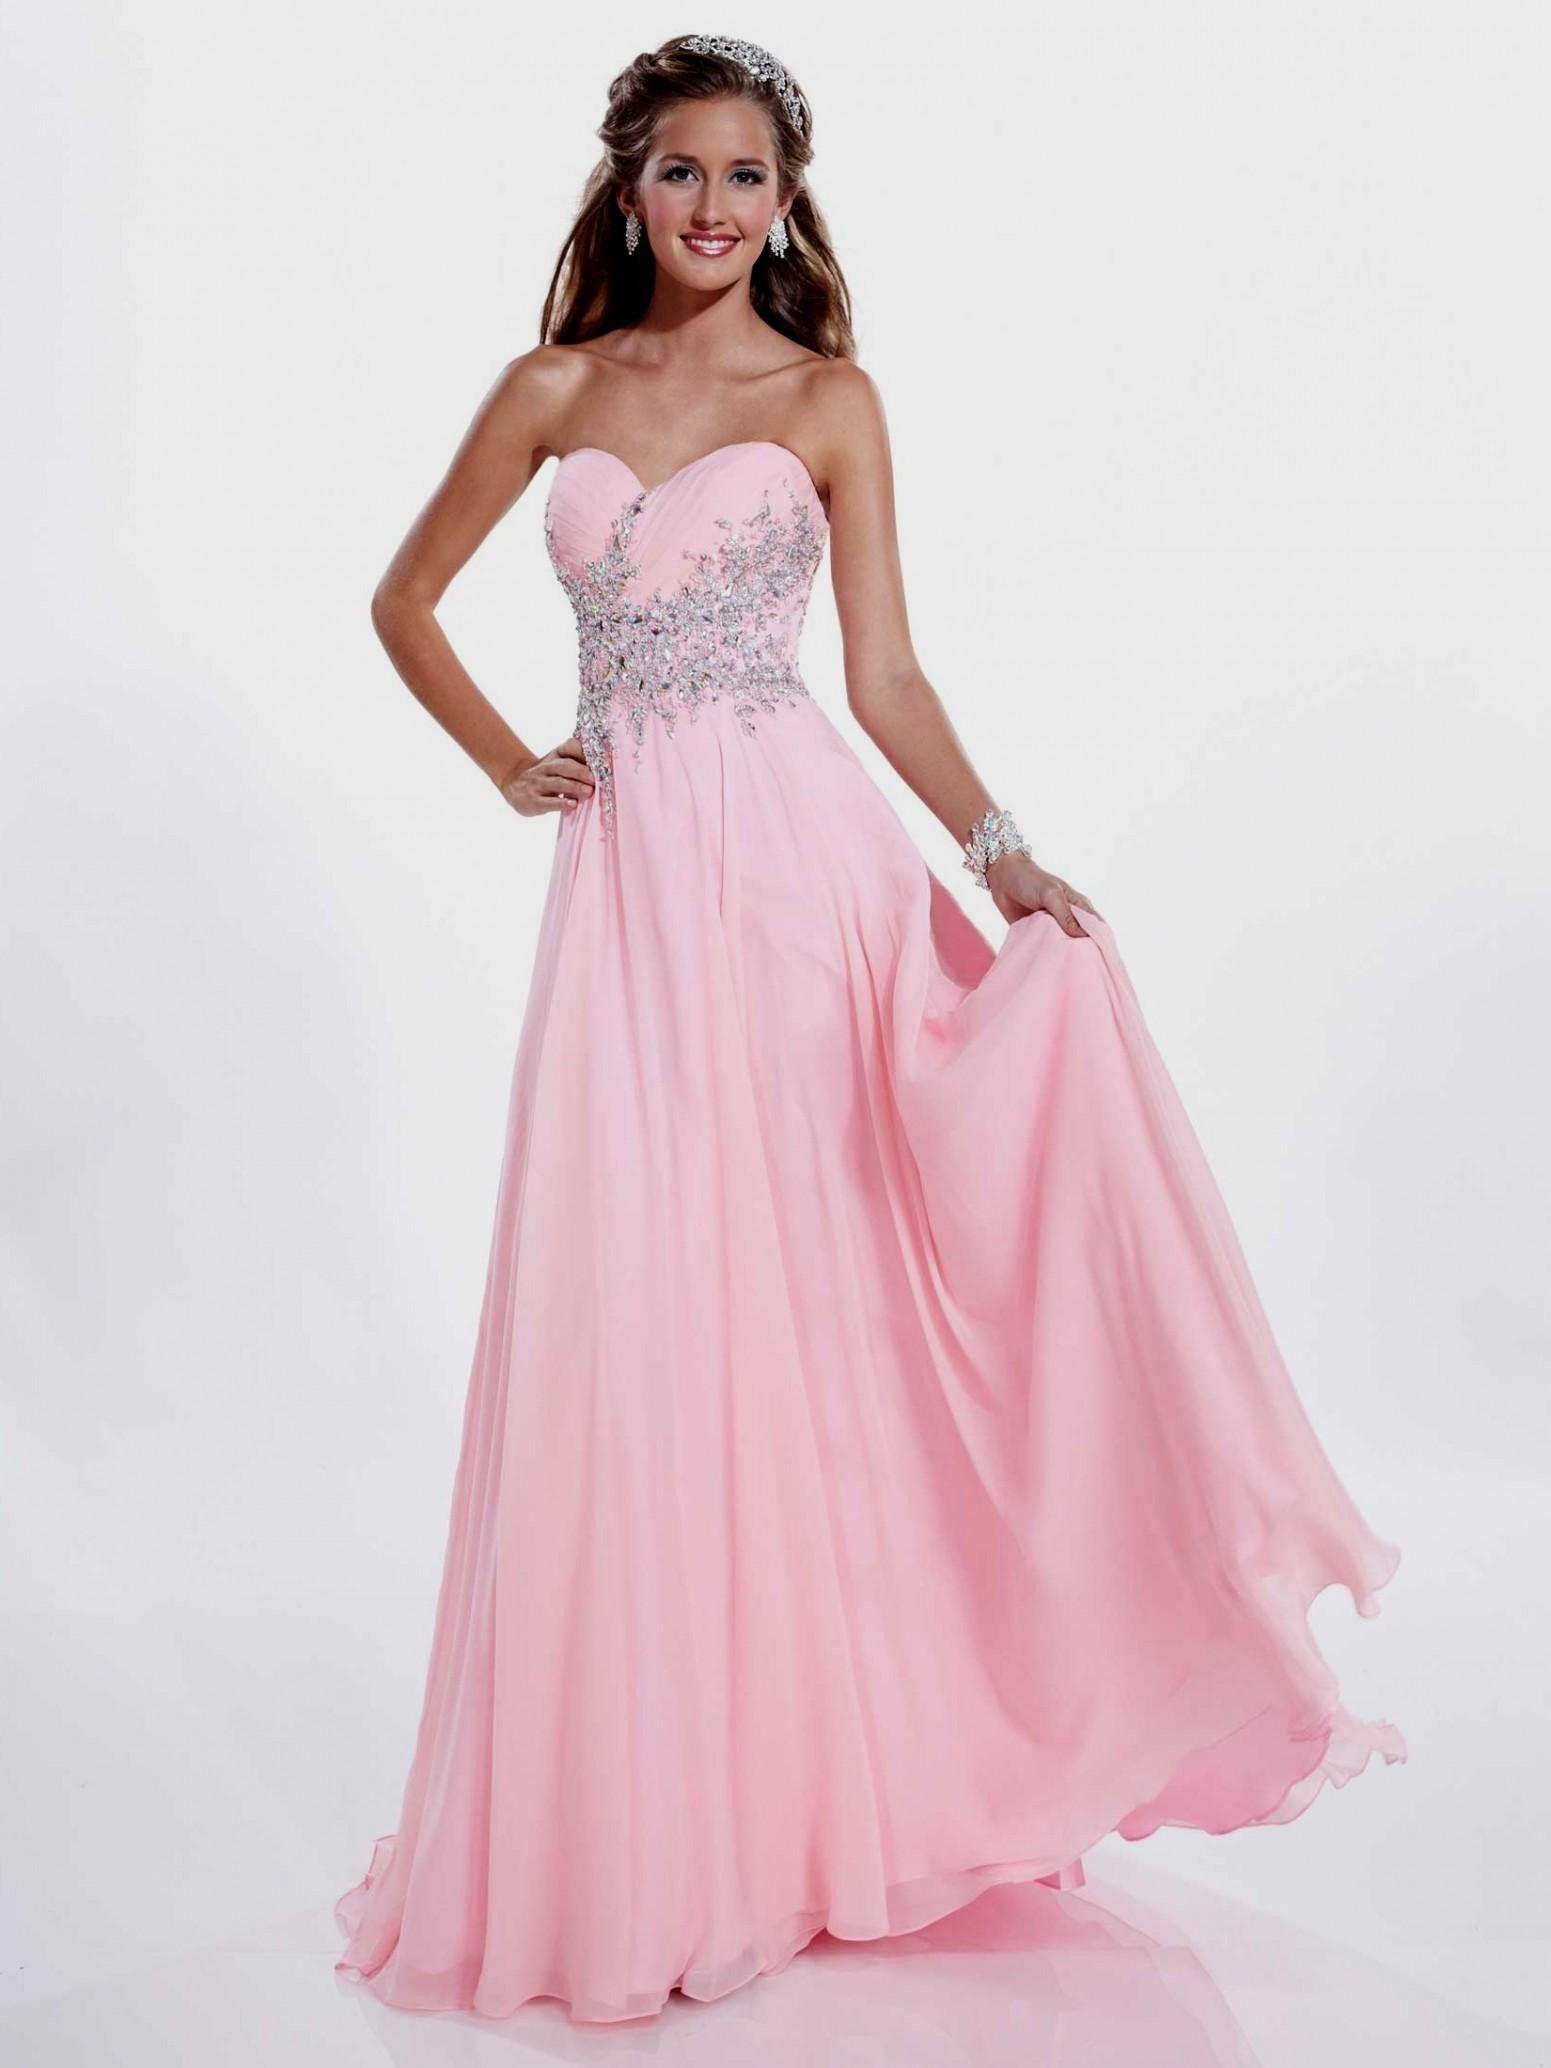 Pin by lotte van dyck on prettie dresses pinterest